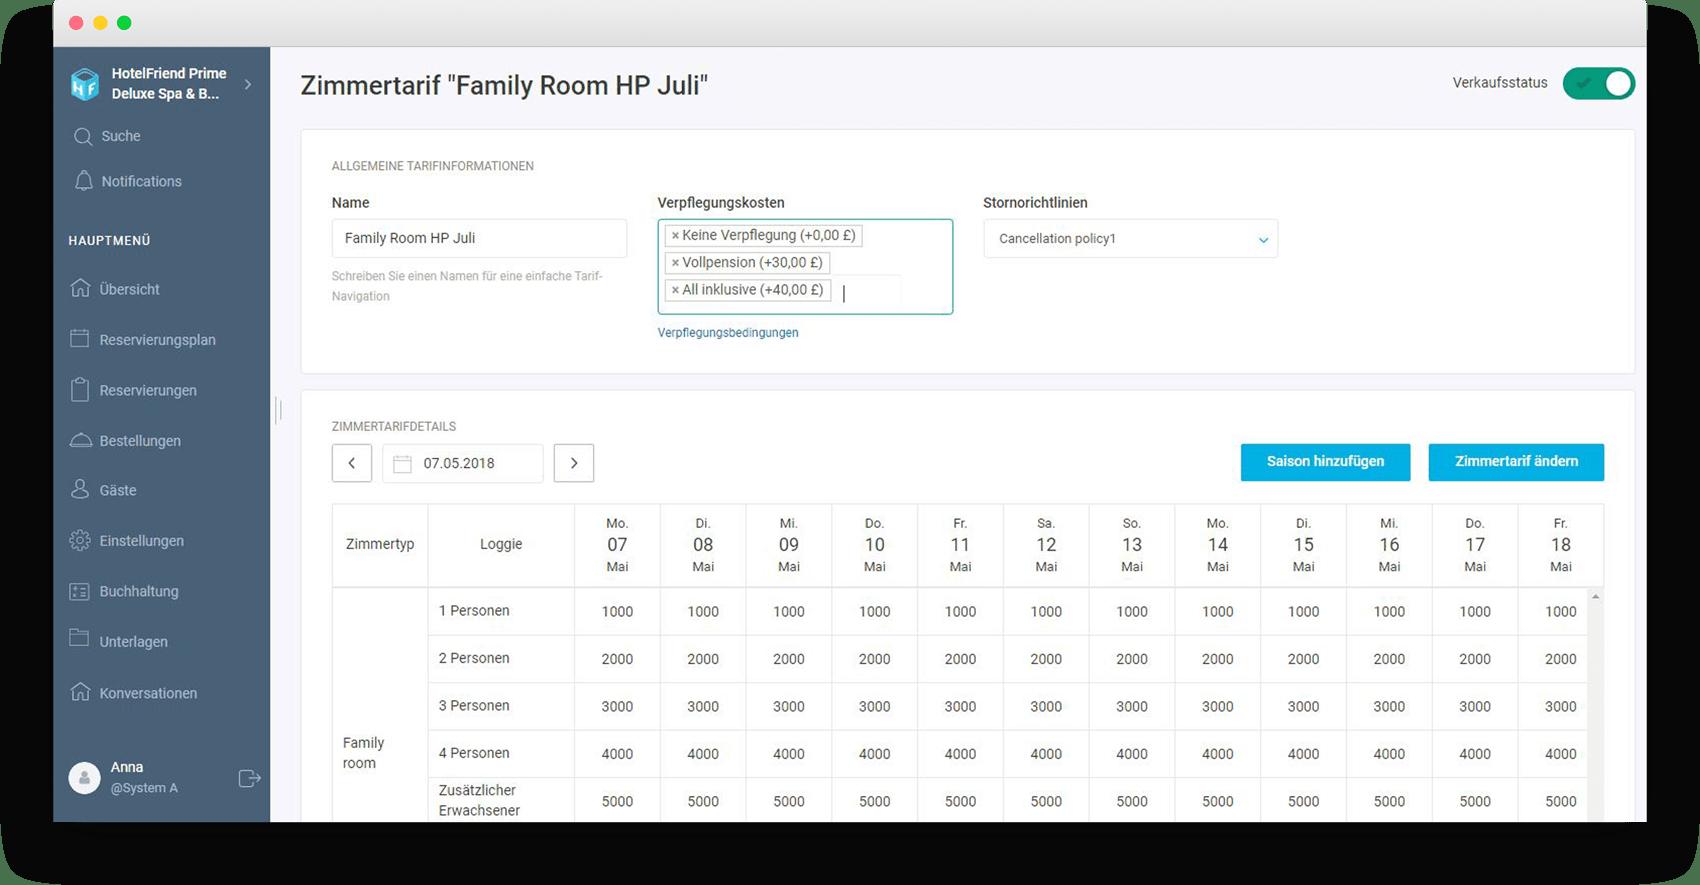 Möglichkeit, Stornierungs- und Vorauszahlungsbedingungen in den Zimmerpreisen zu wählen - HotelFriend Portal